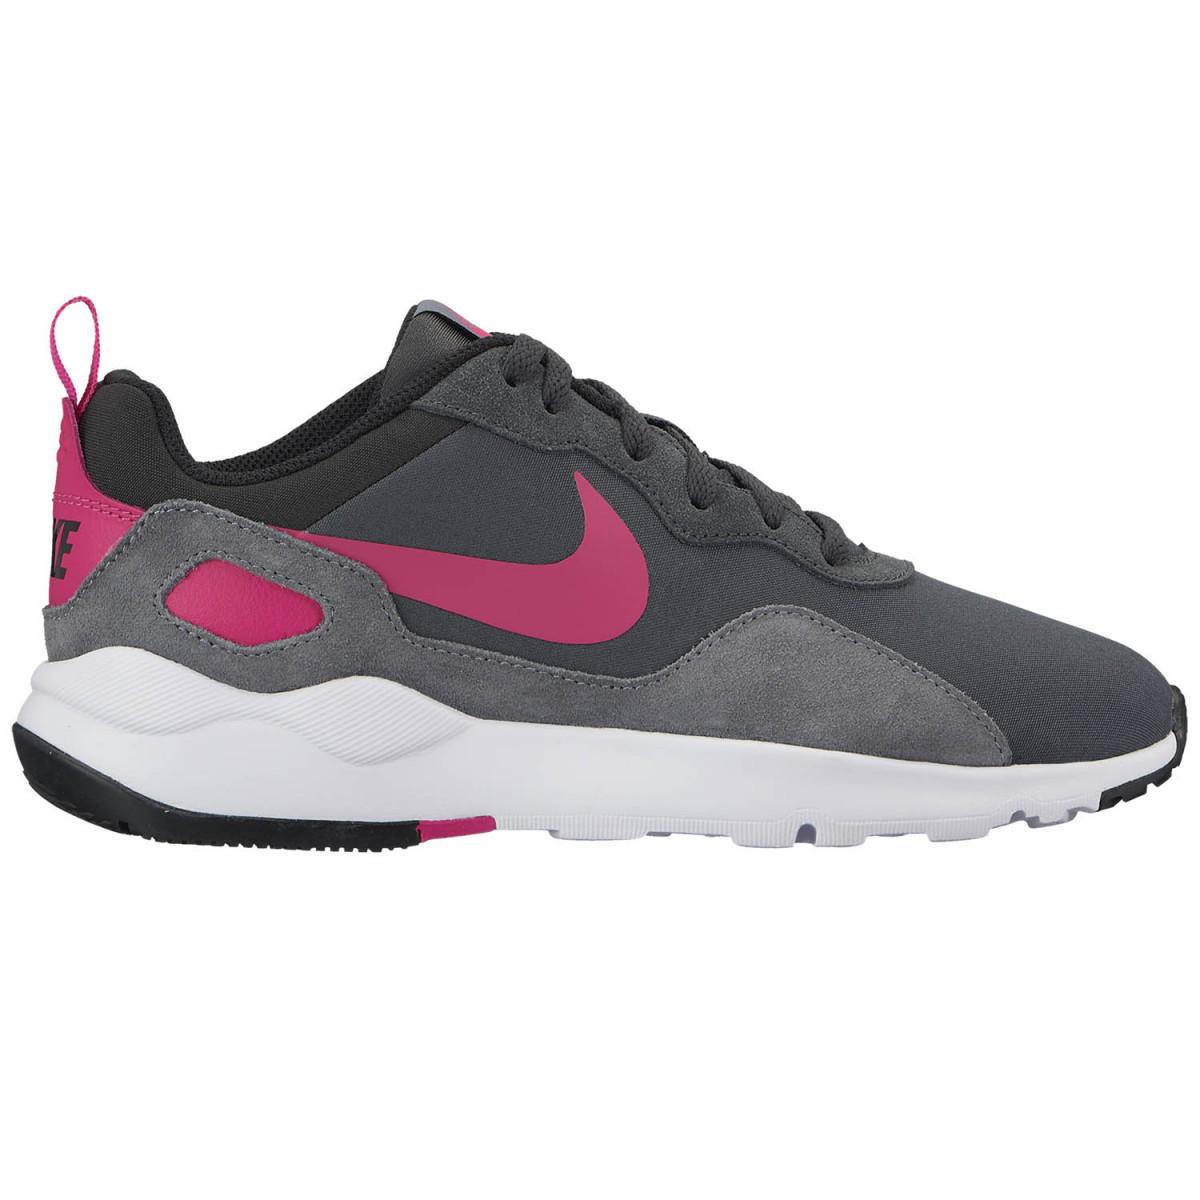 Zapatillas Nike Ld Runner